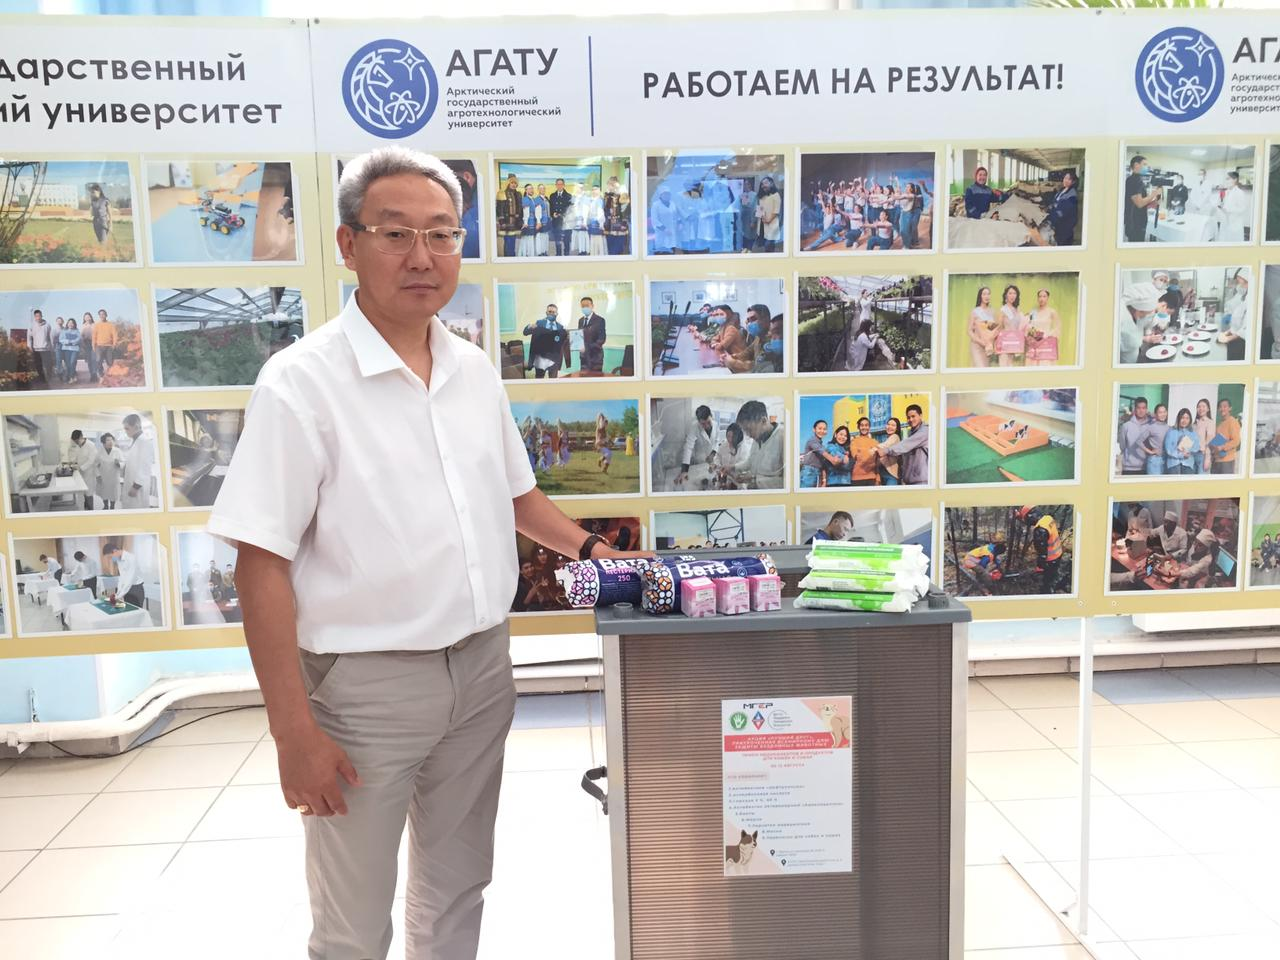 Сотрудники АГАТУ участвуют в акции «Лучший друг» для помощи бездомным животным